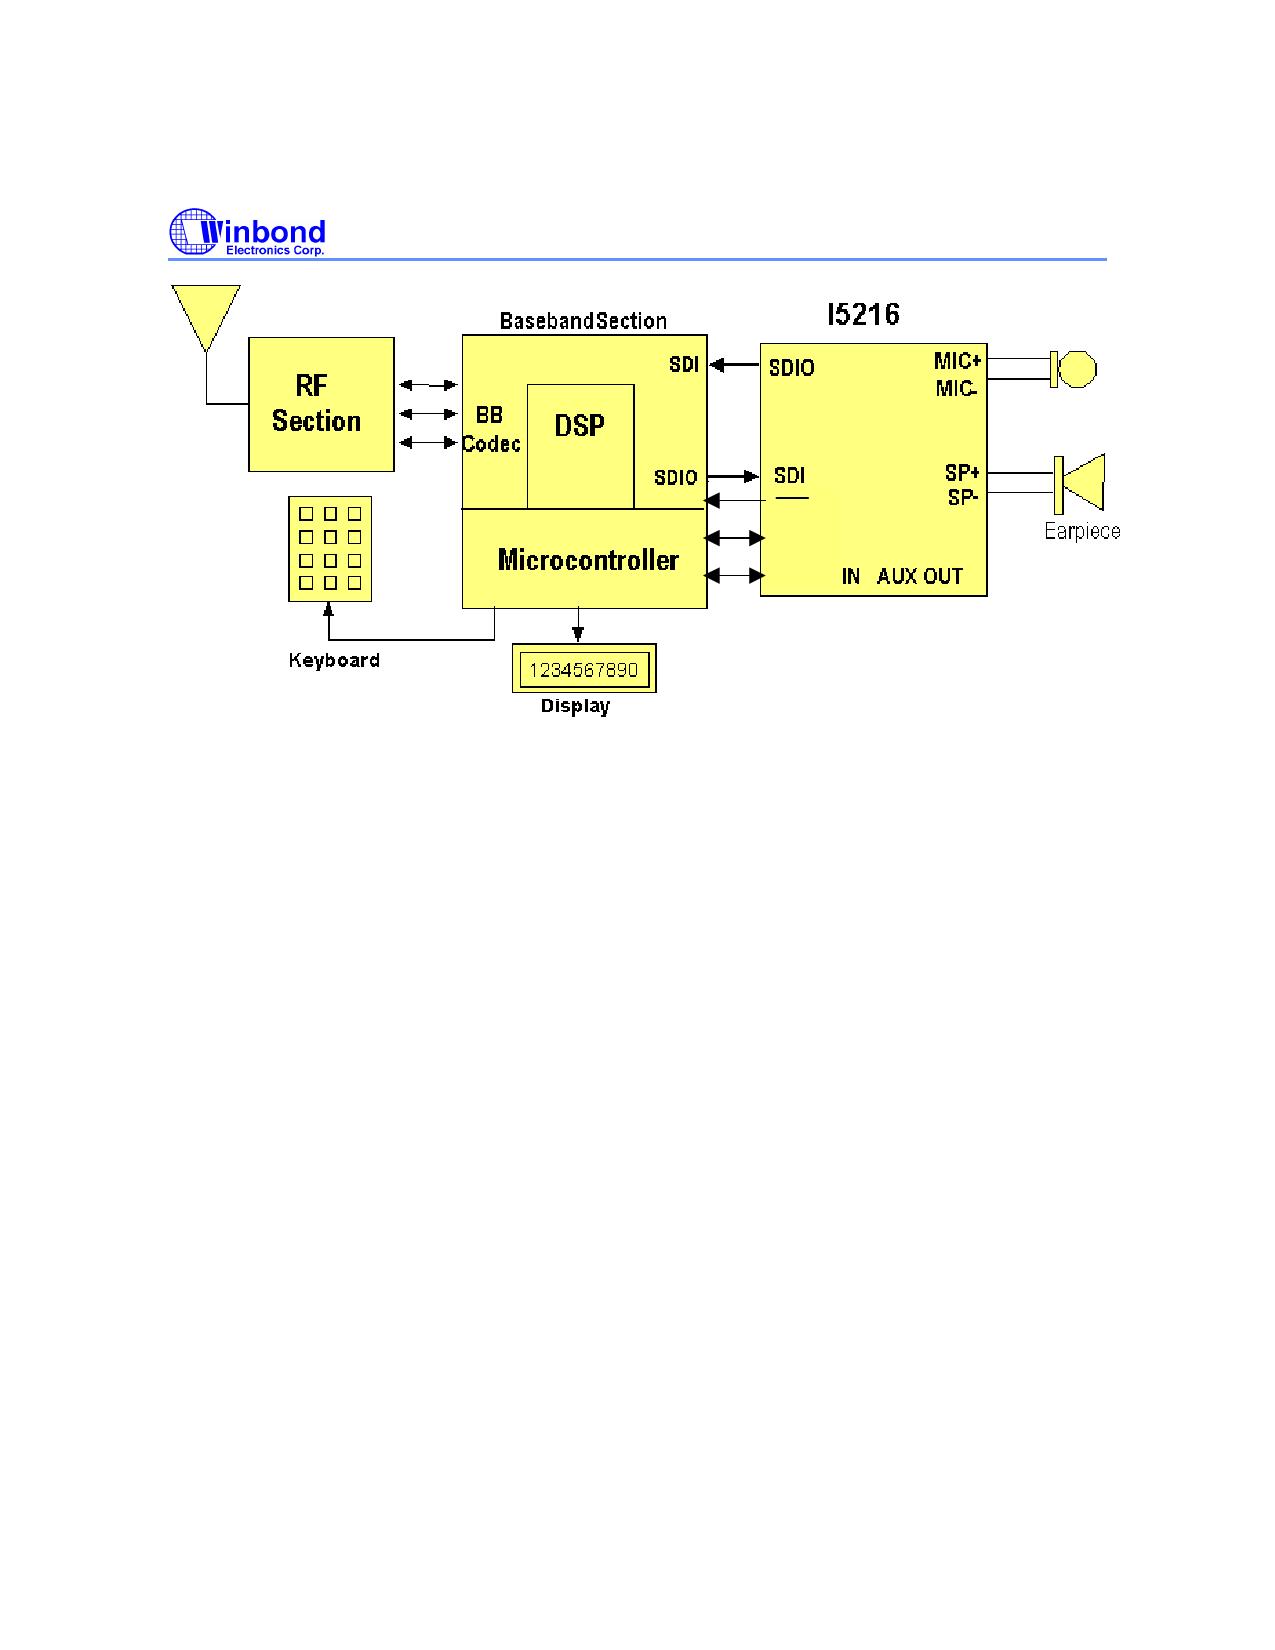 I5216ED arduino